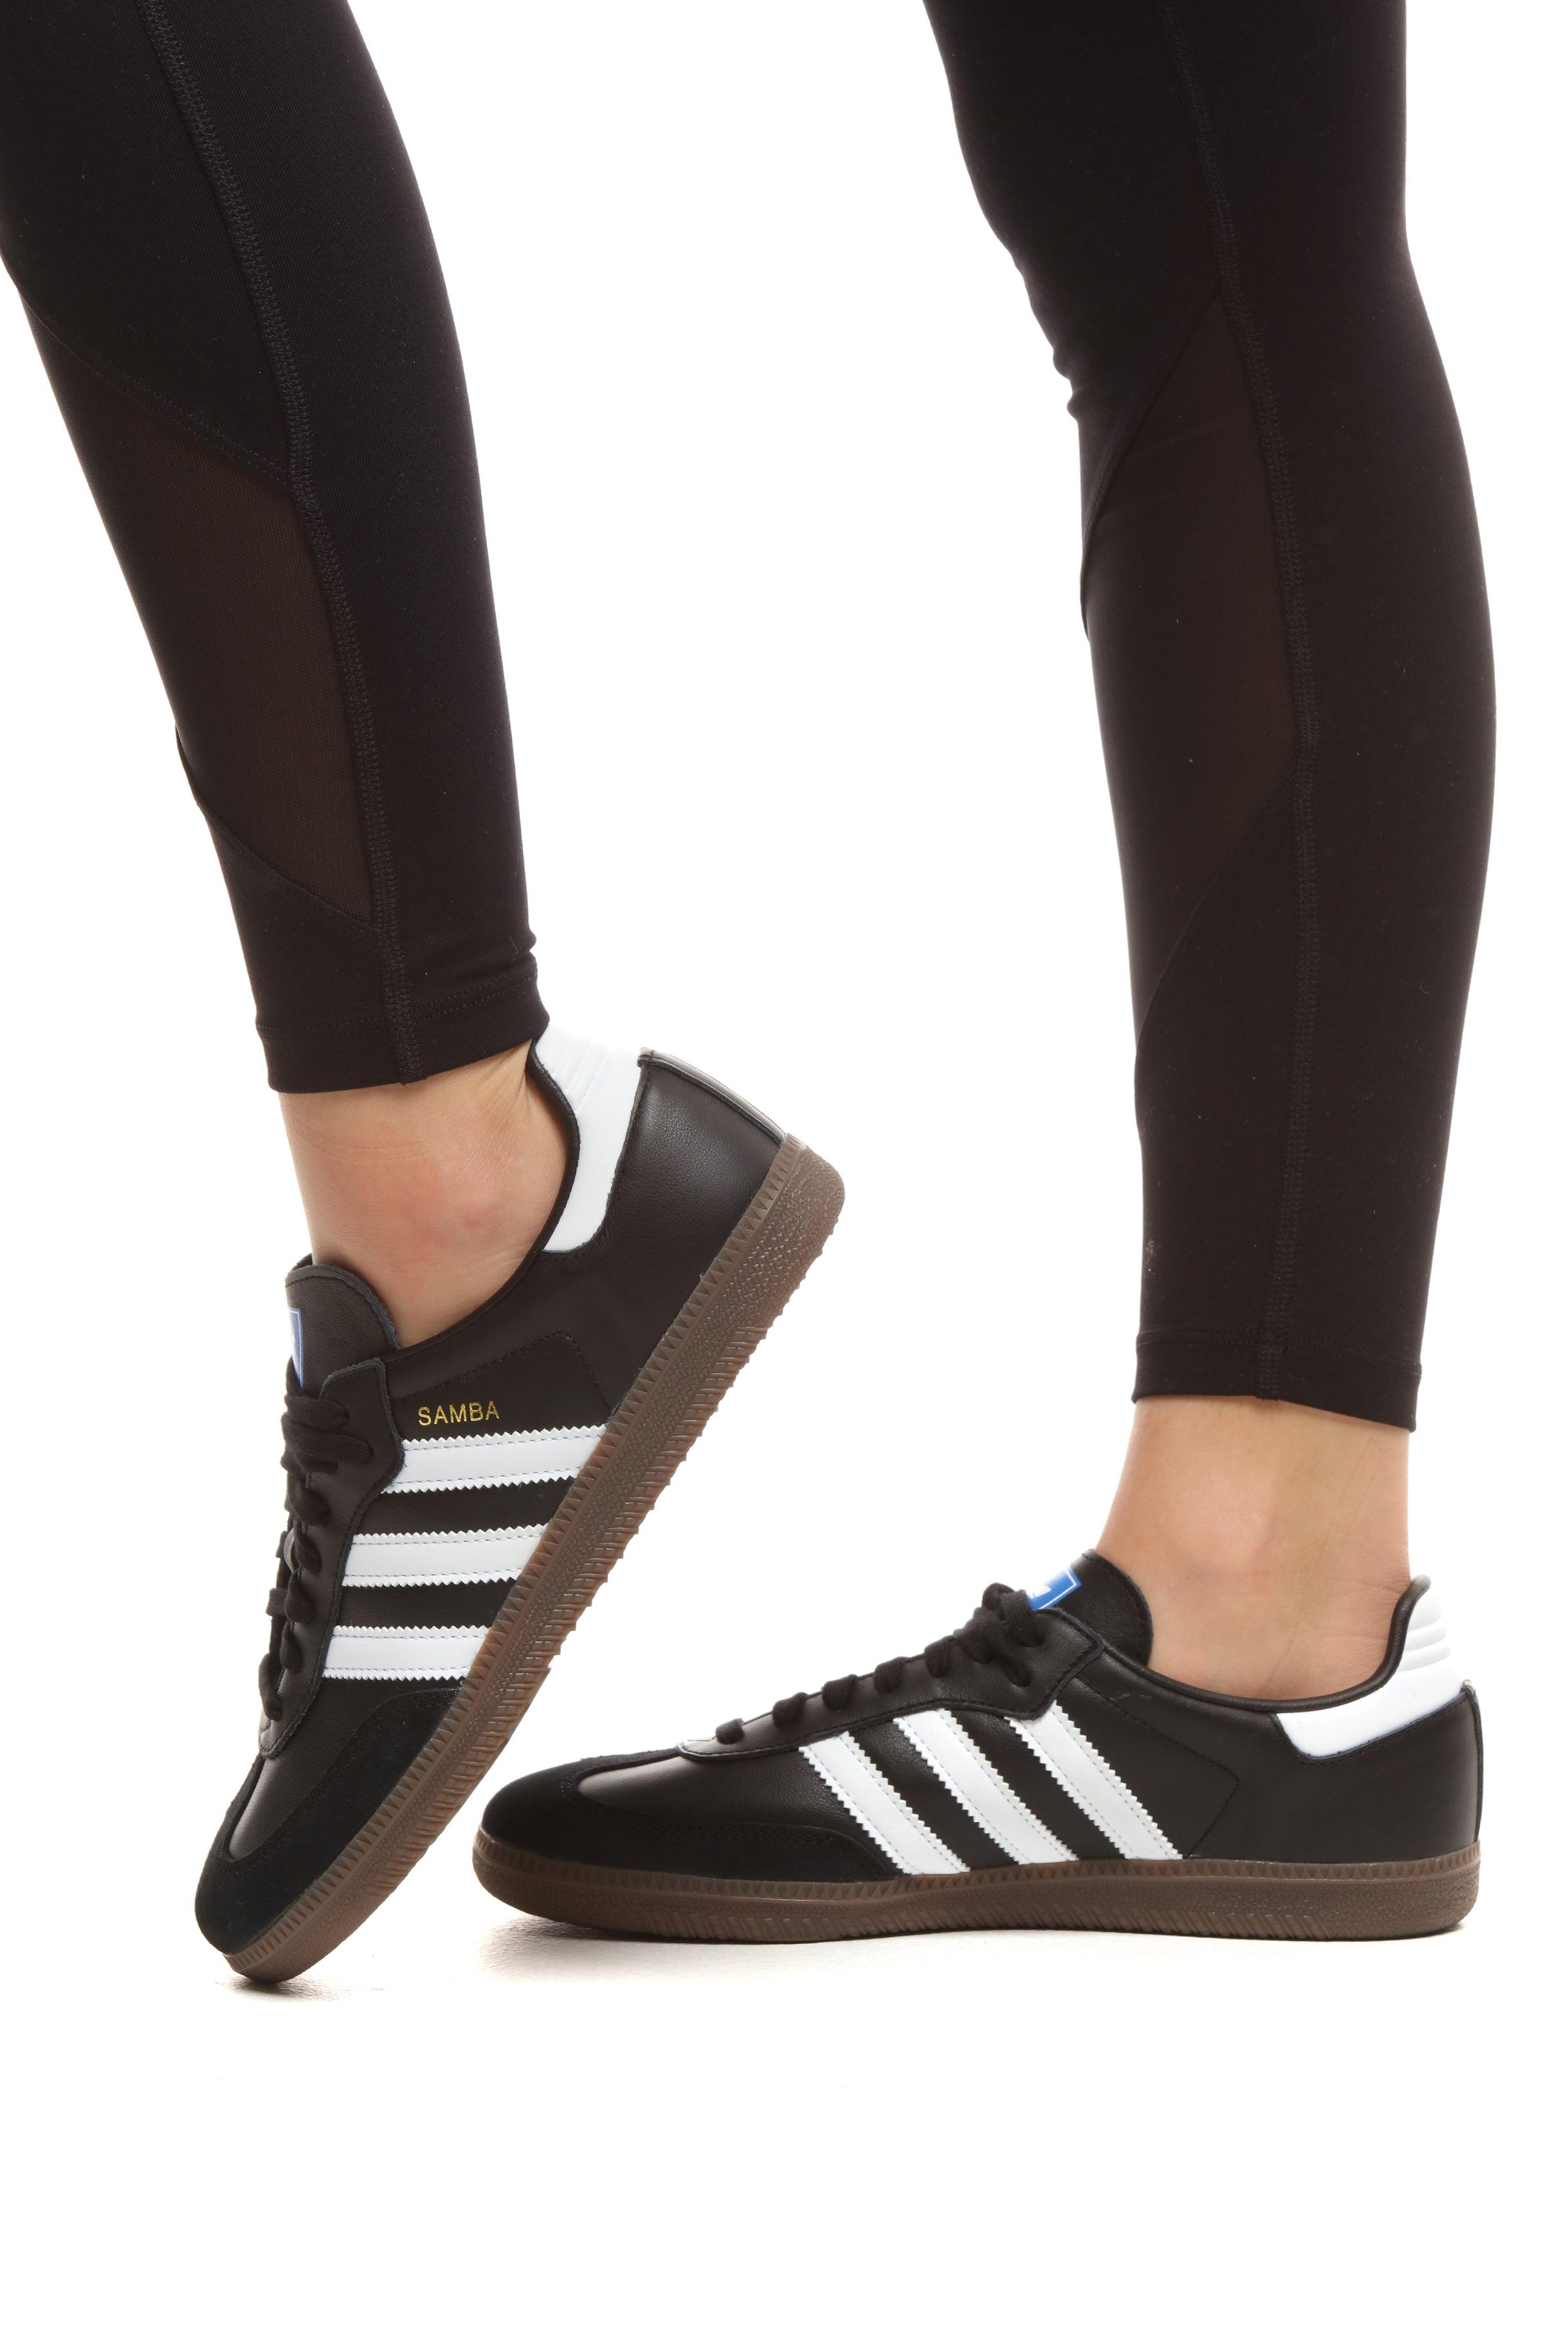 Womens adidas Samba OG Athletic Shoe White Black Gum